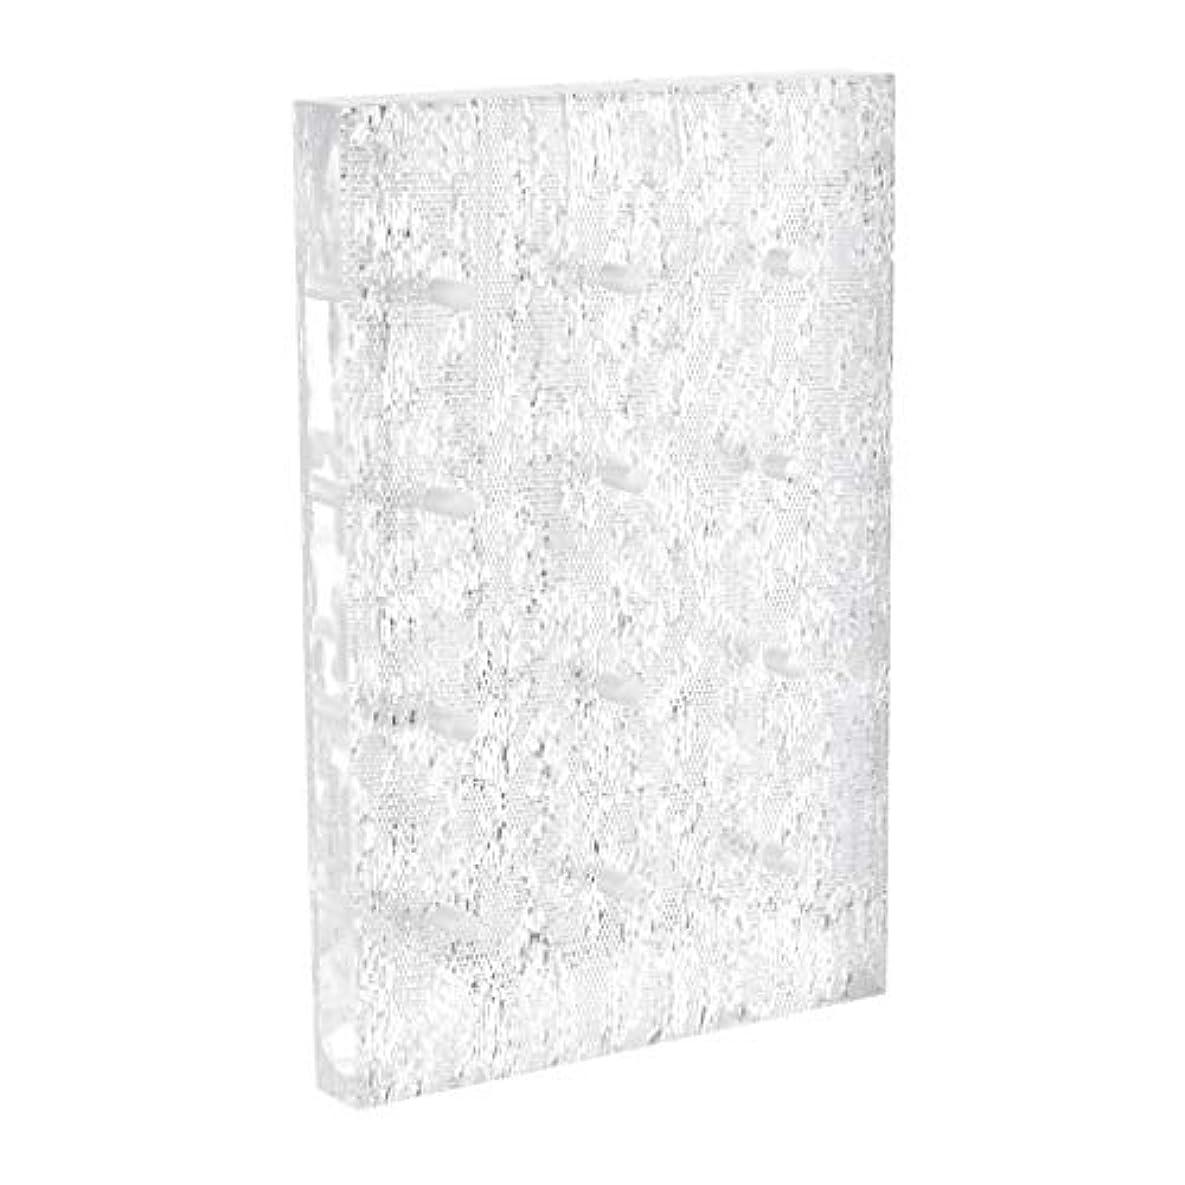 誠実ペッカディロマントル高品質の長方形のアクリルネイルビットホルダースタンドディスプレイストレージオーガナイザー12爪ドリルビット - 銀